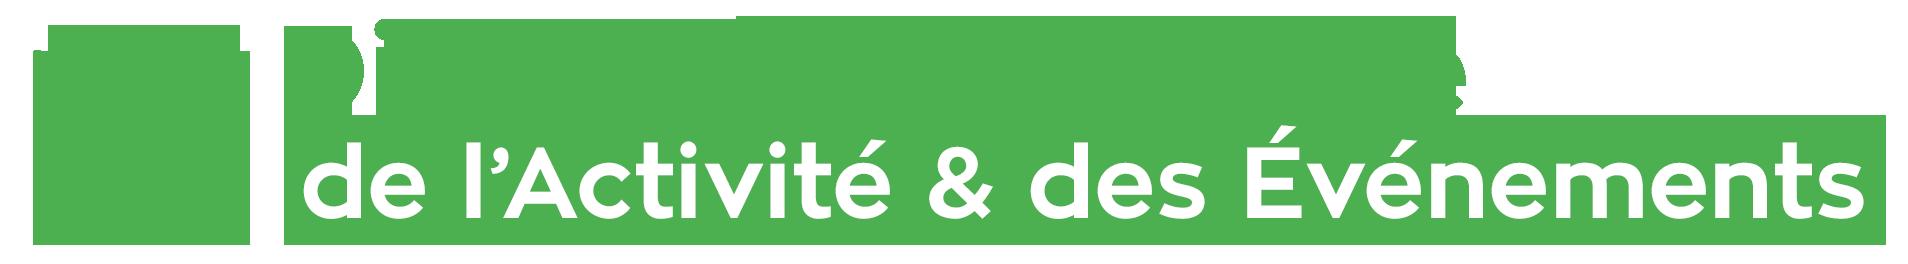 Le Guide de Génération City 1536166143-1459028466-gc-logo-dgae2